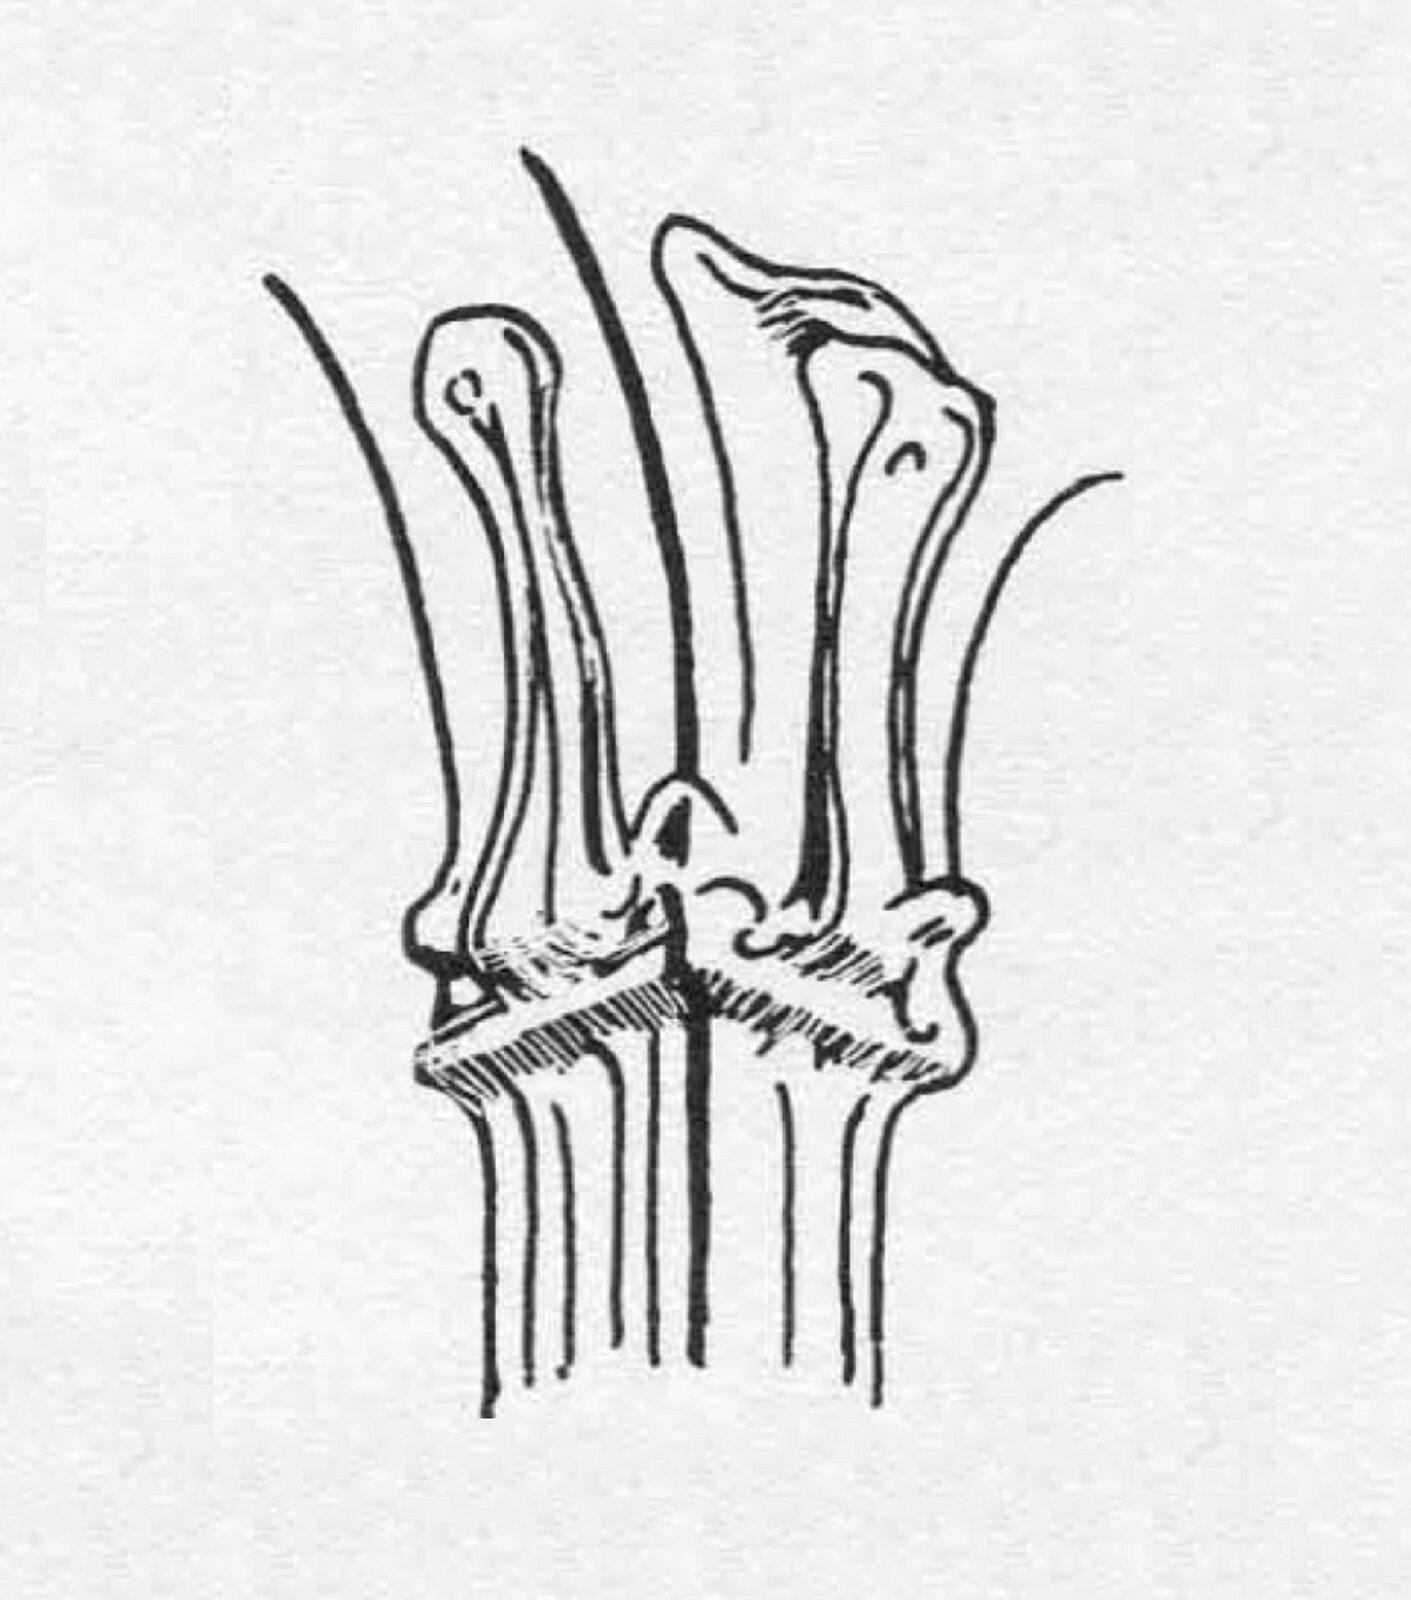 Ilustracja przedstawiająca szkic zprzykładową głowicą secesyjną. Przypomina wici roślinne opłynnym kształcie.